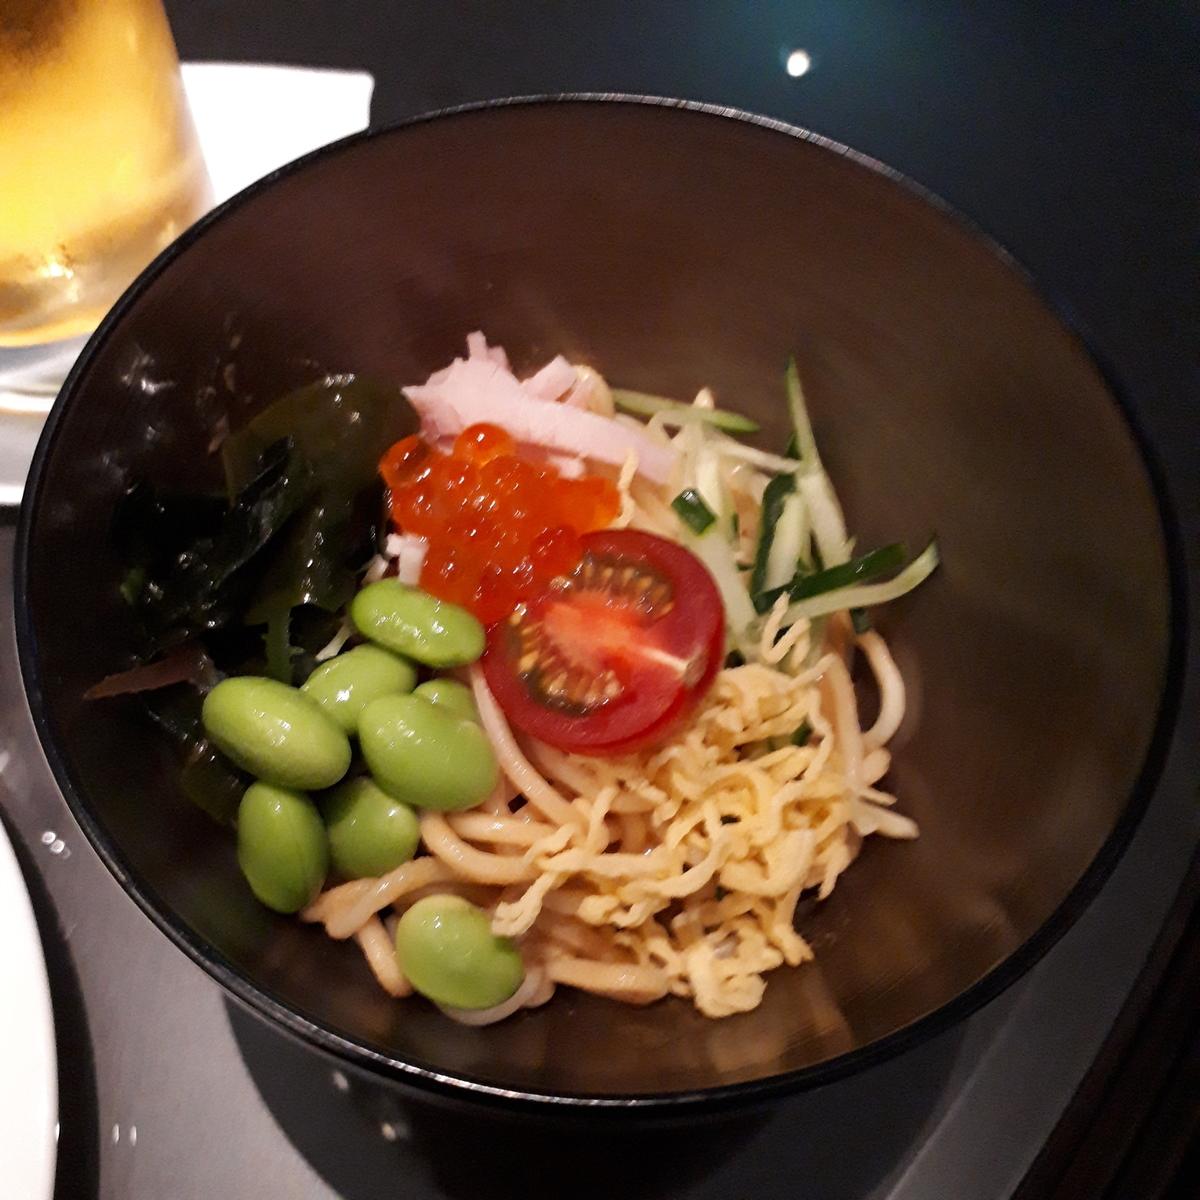 リッツカールトン大阪 クラブラウンジ 夕食前の前菜 冷やし中華